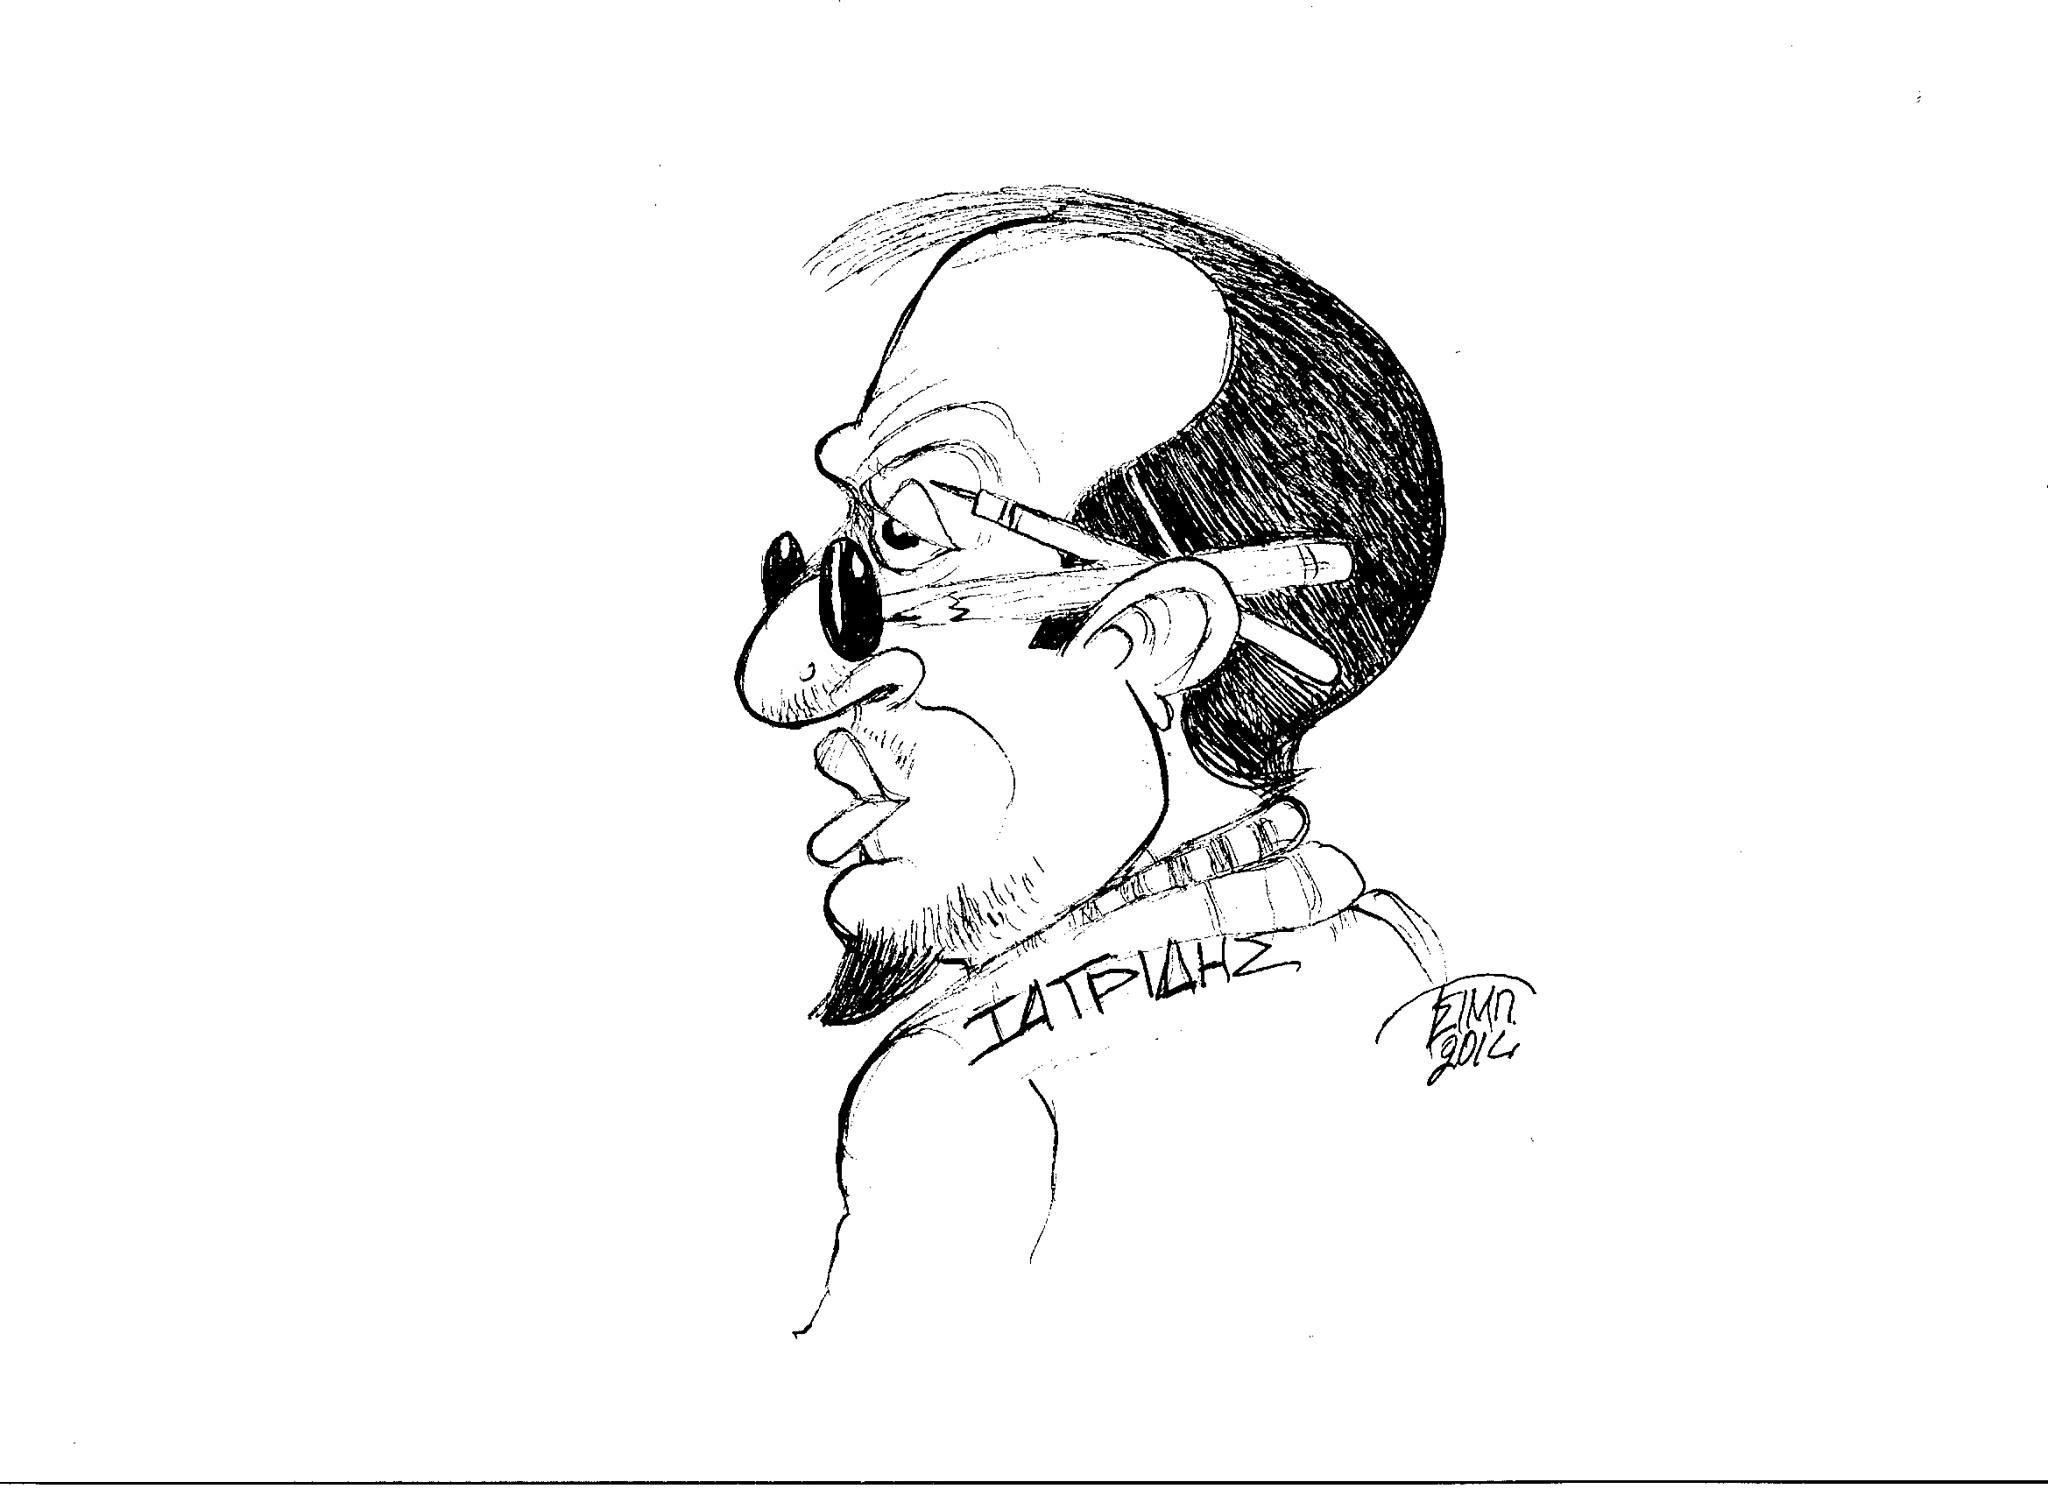 karikatoura toy iatridis dia heiros thanasi tsimperdwni